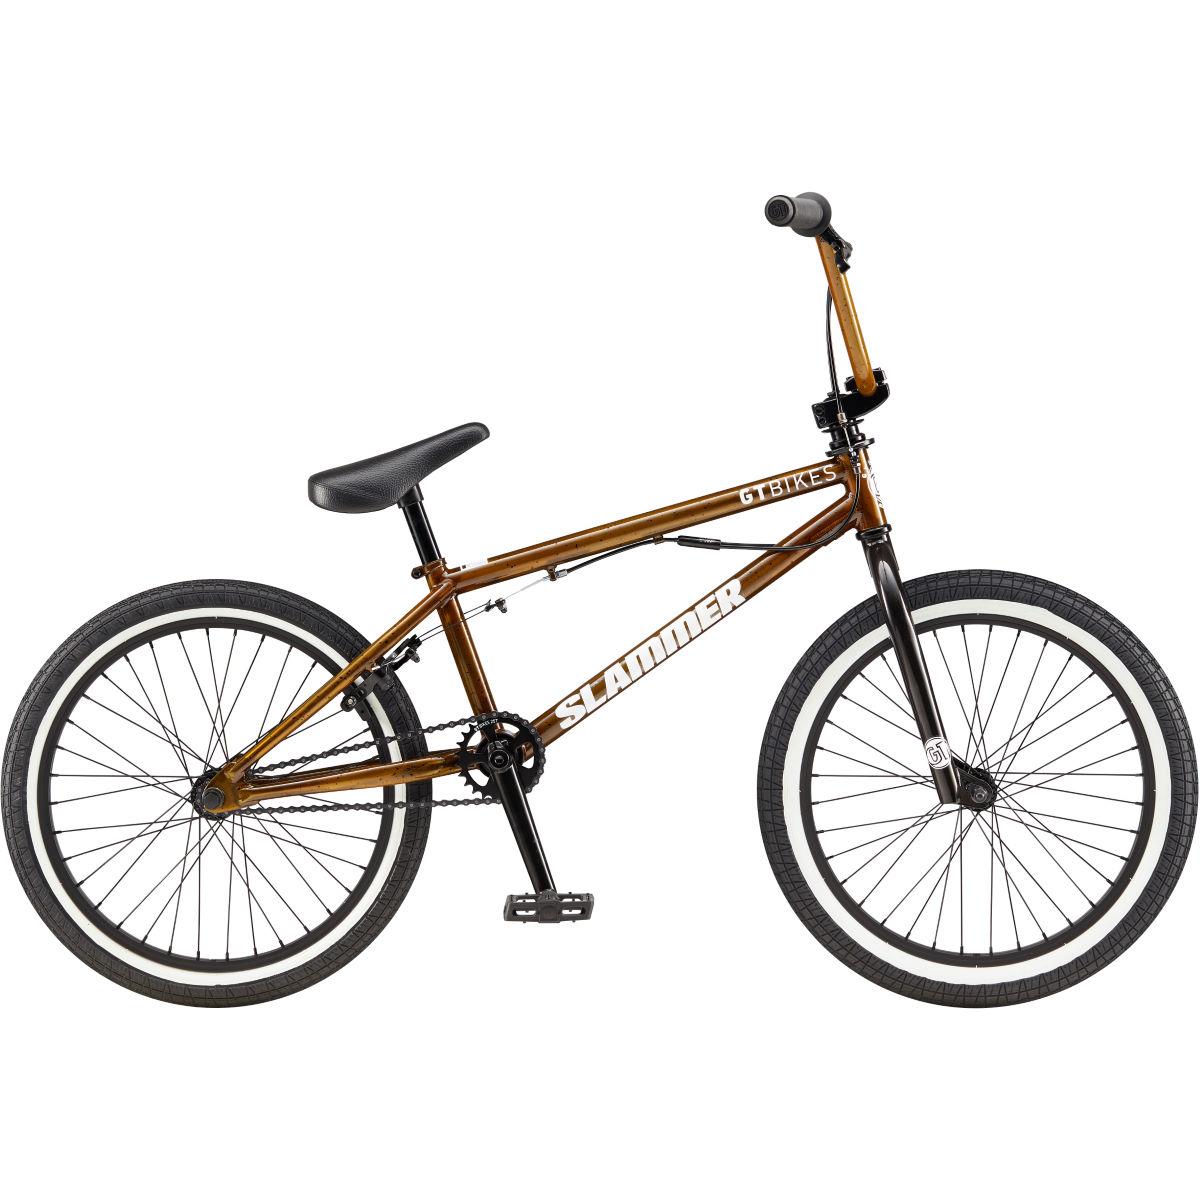 GT Slammer 2019 Freestyle Bikes